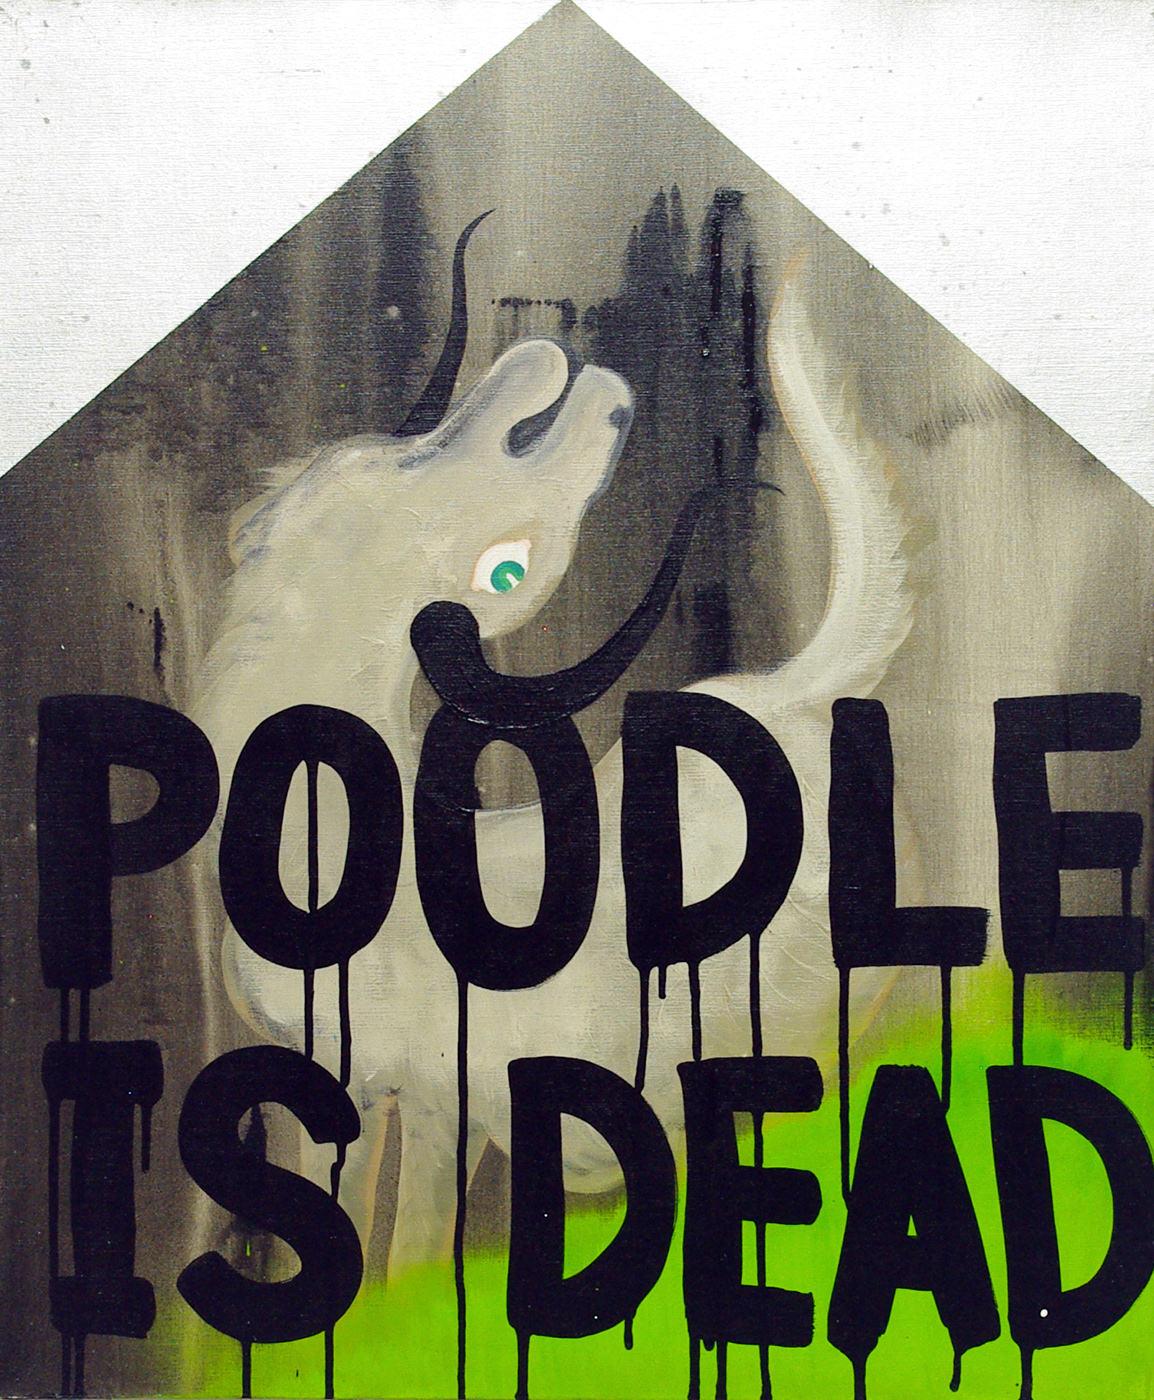 poodle is dead